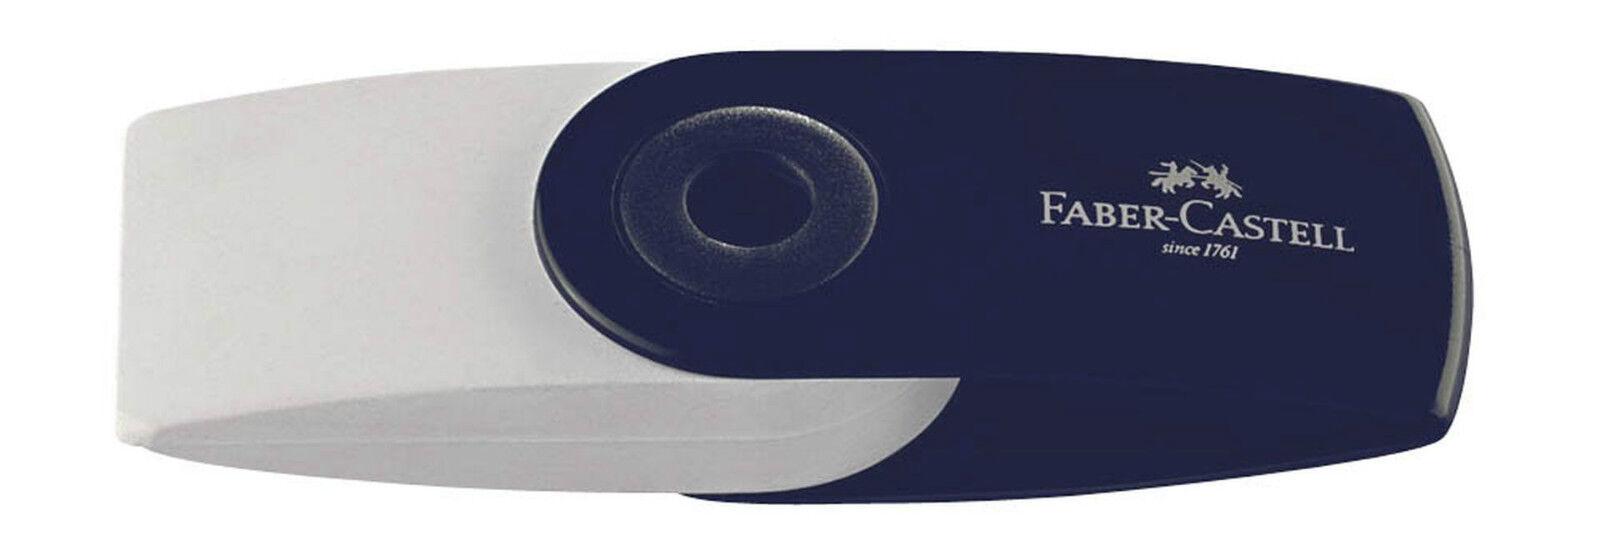 Radierer Sleeve Gummi Mini Sleeve zusammenklappbar sortiert